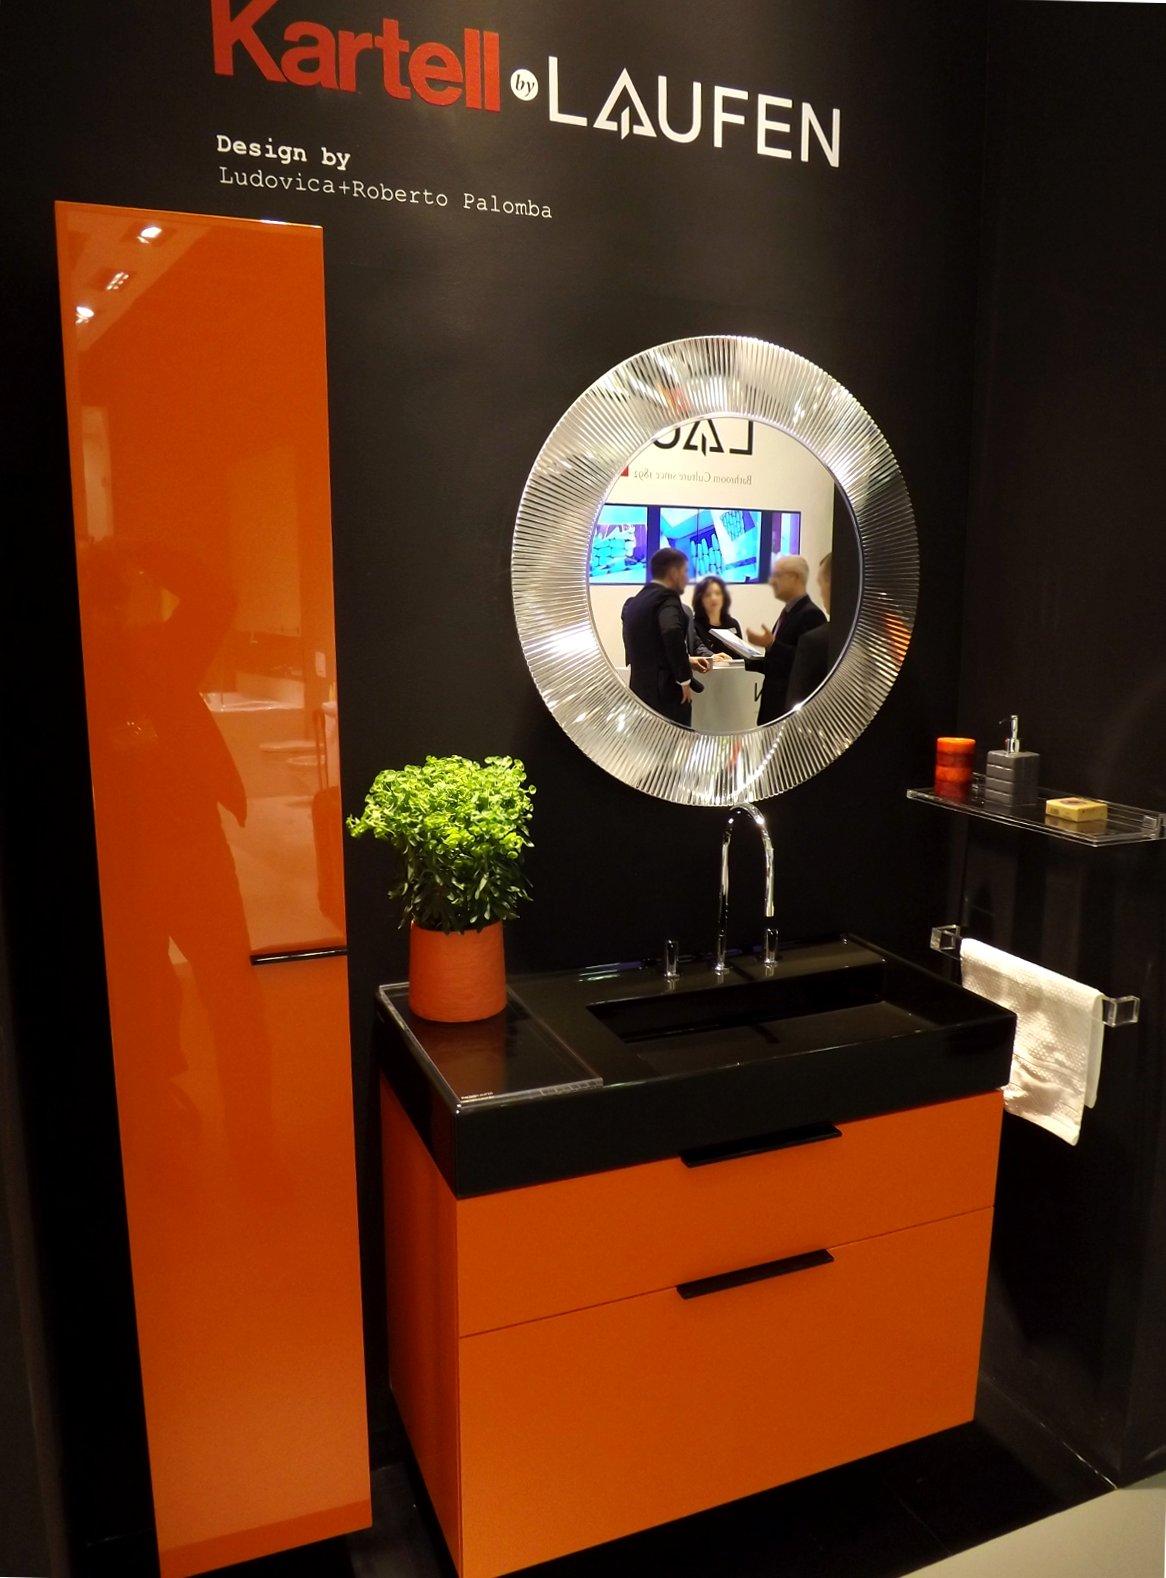 Демонстрация сантехники и мебели для санузла под двумя брендами - Laufen и Kartell - на выставке МосБилд-2014